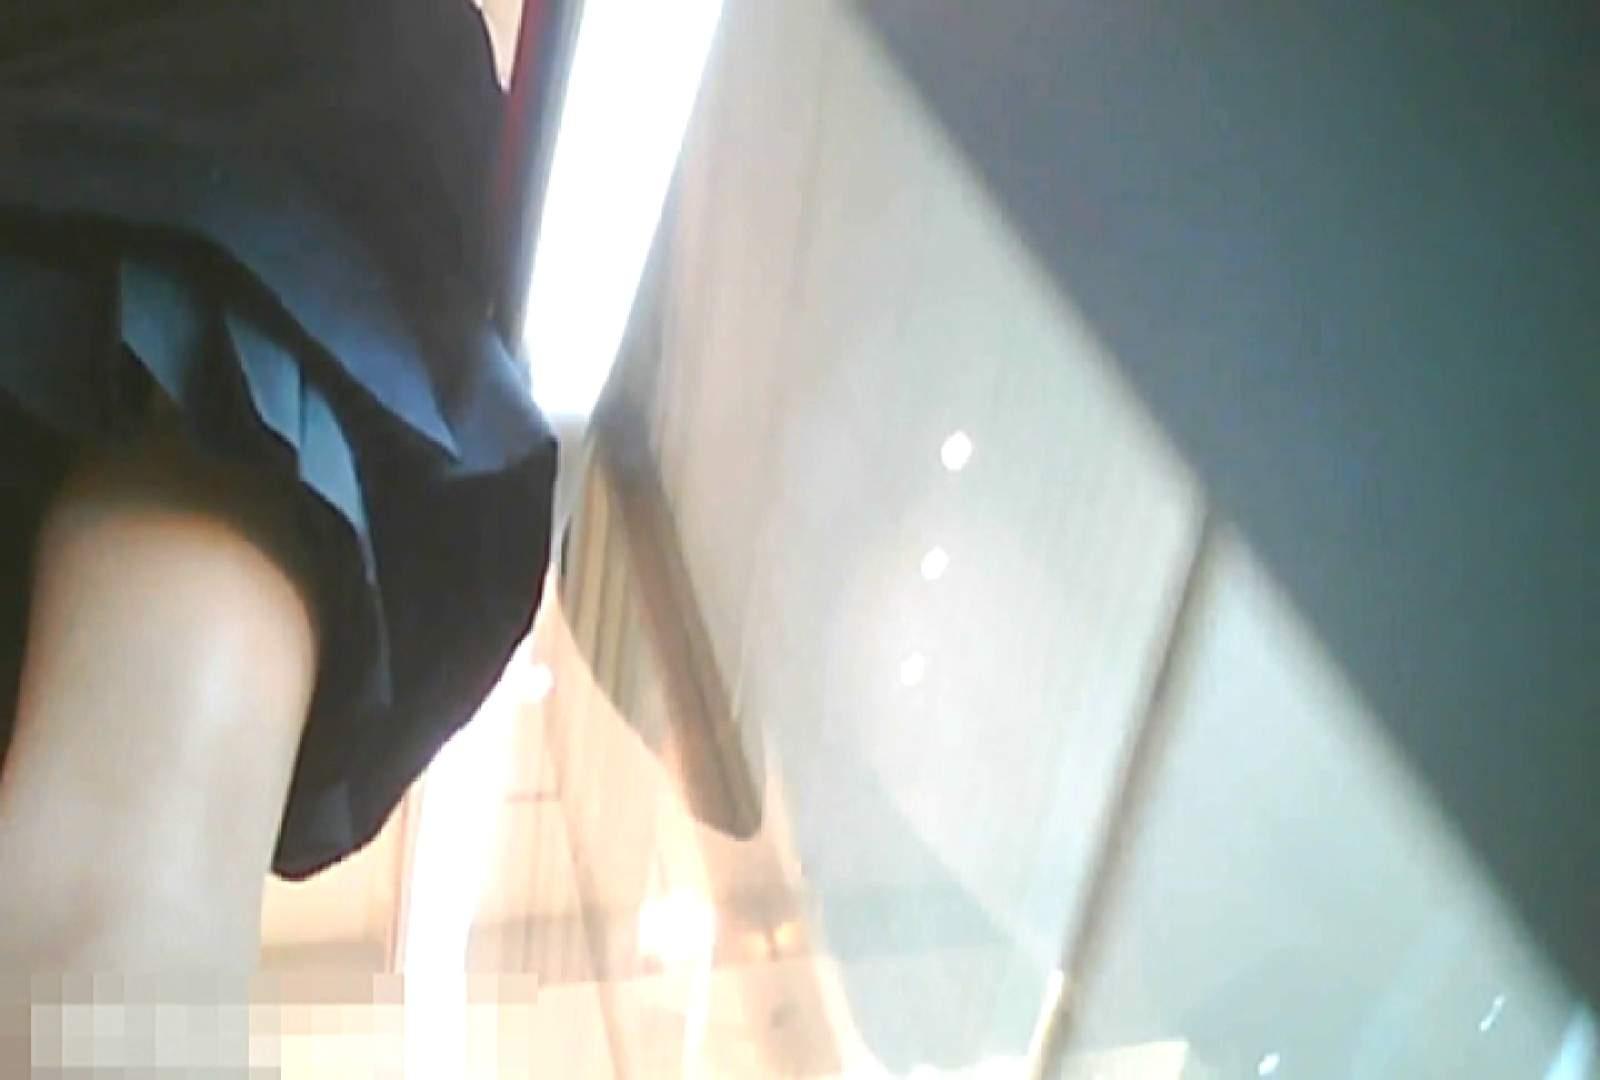 「チキン男」さんの制服ウォッチングVol.7 OLの実態 盗み撮り動画キャプチャ 74pic 44